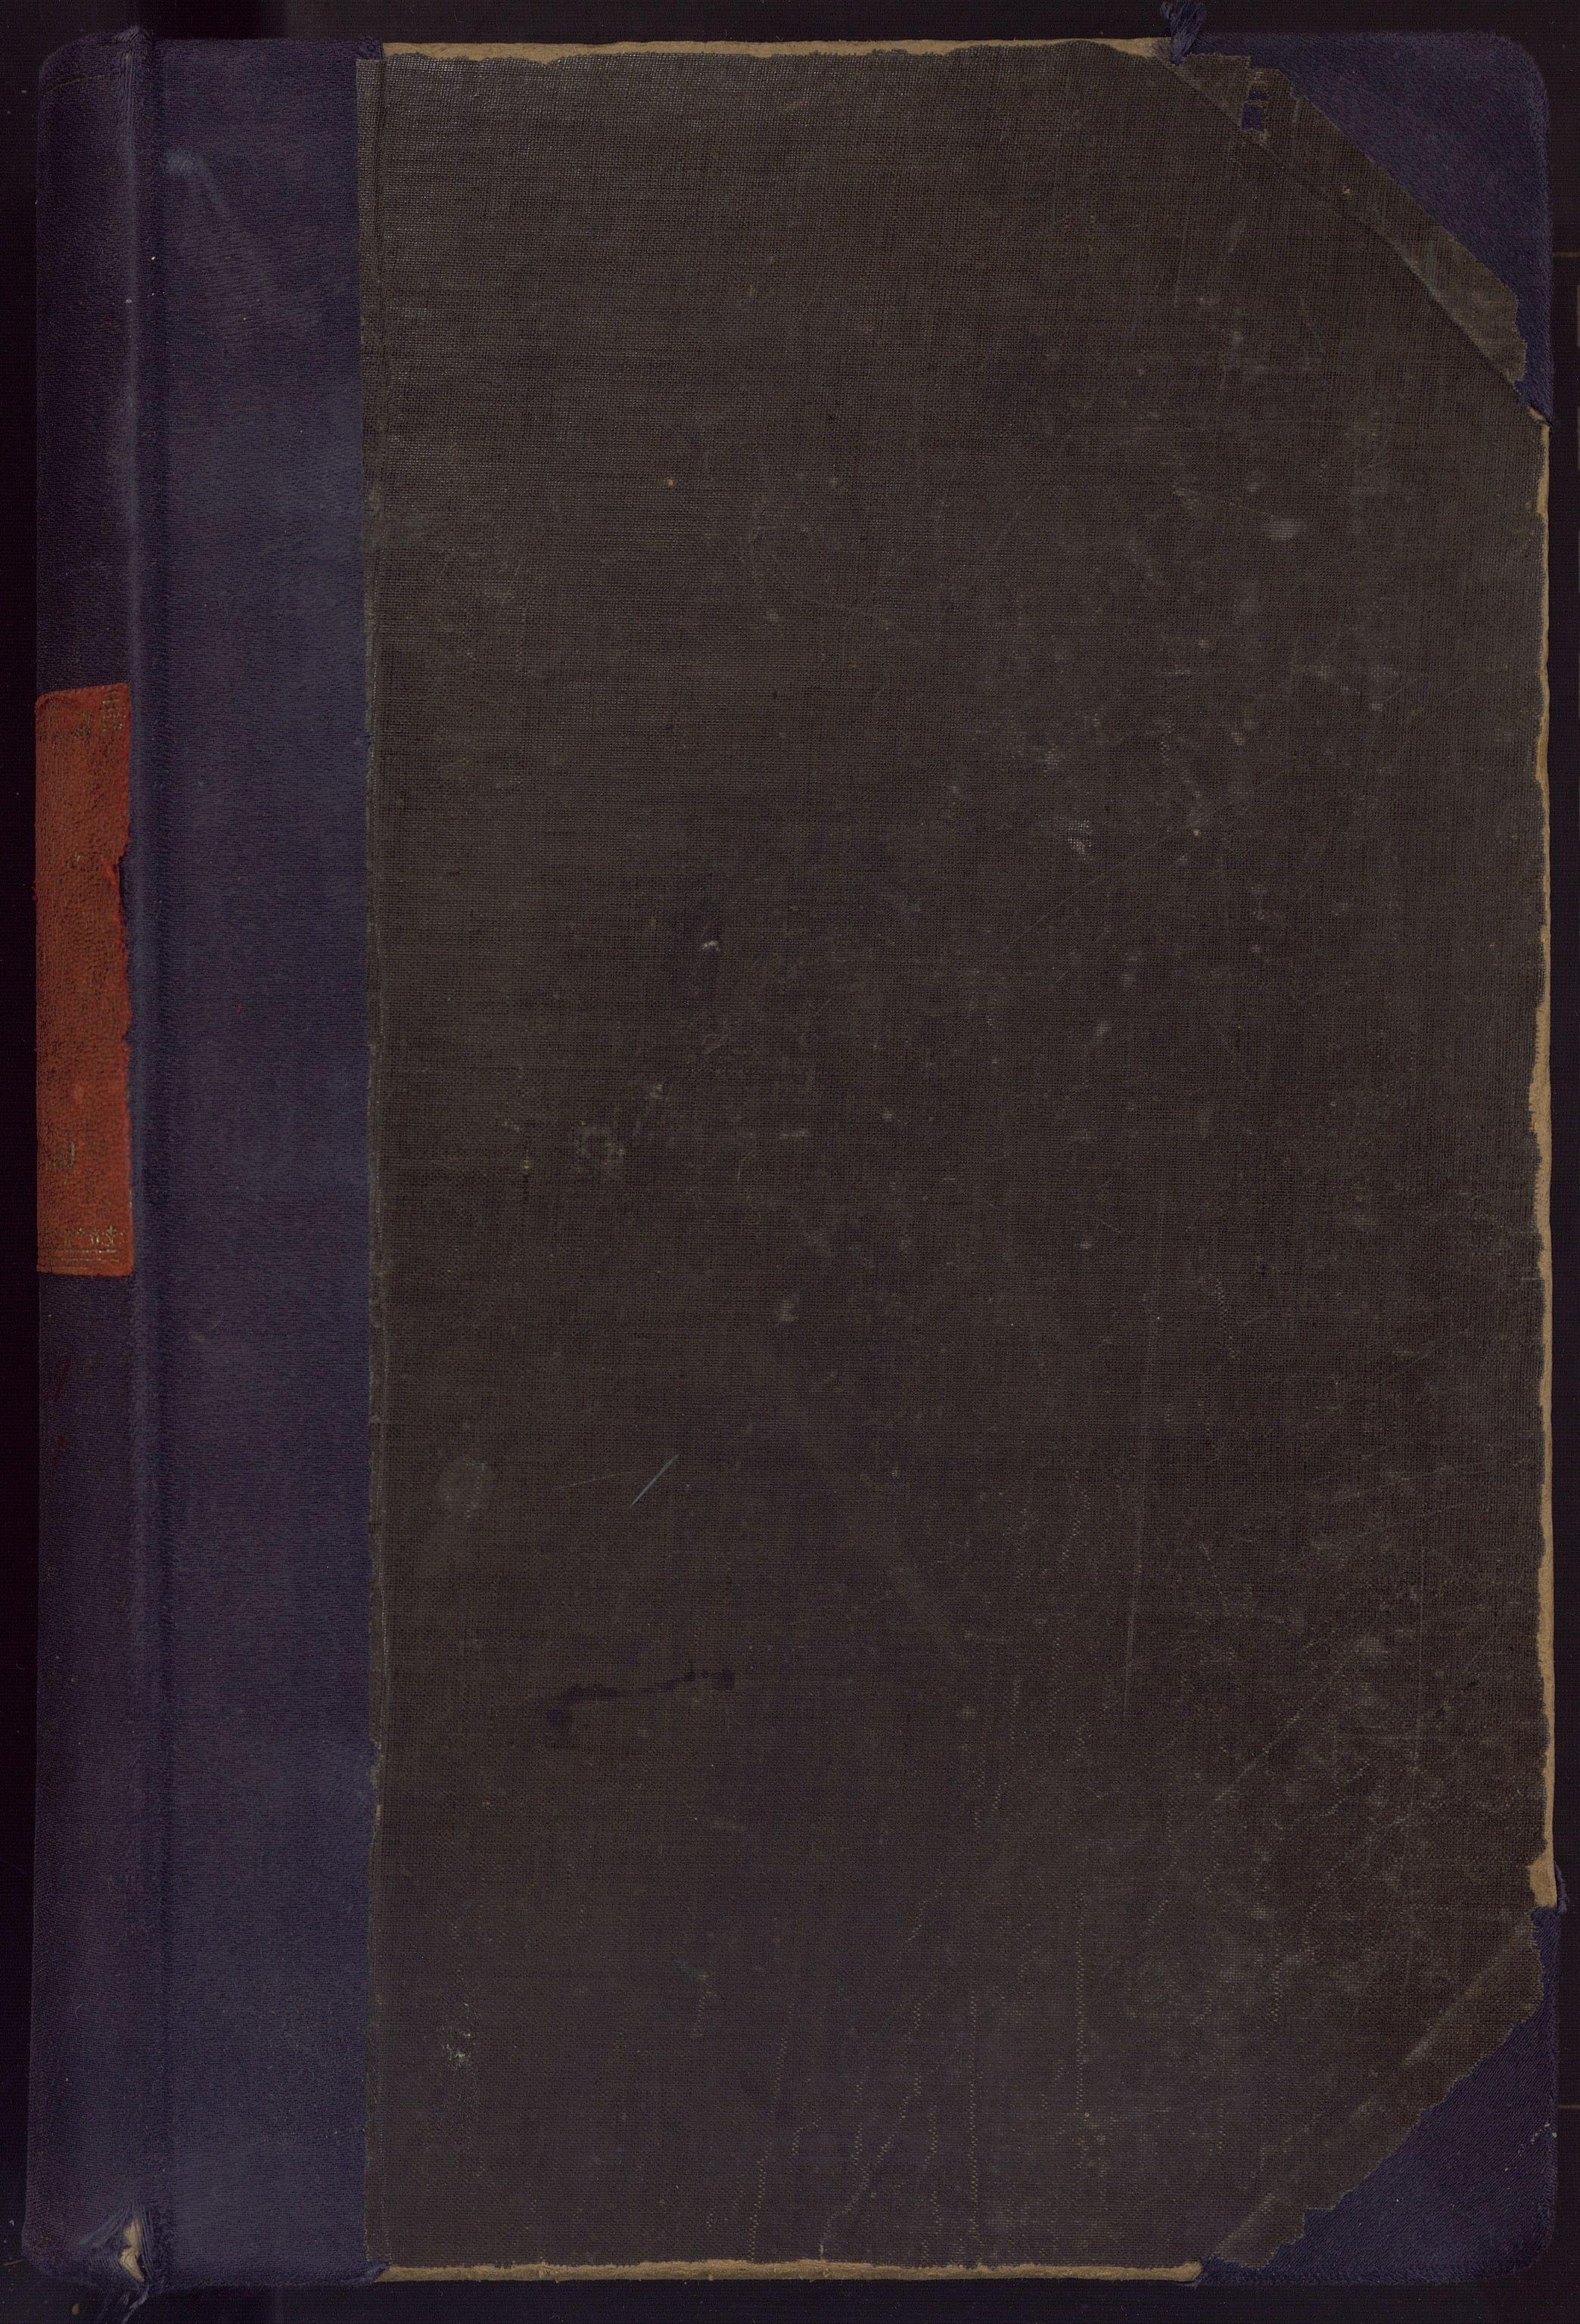 BBA, Fana kommune. Formannskapet, A/Ab, 1919-1921